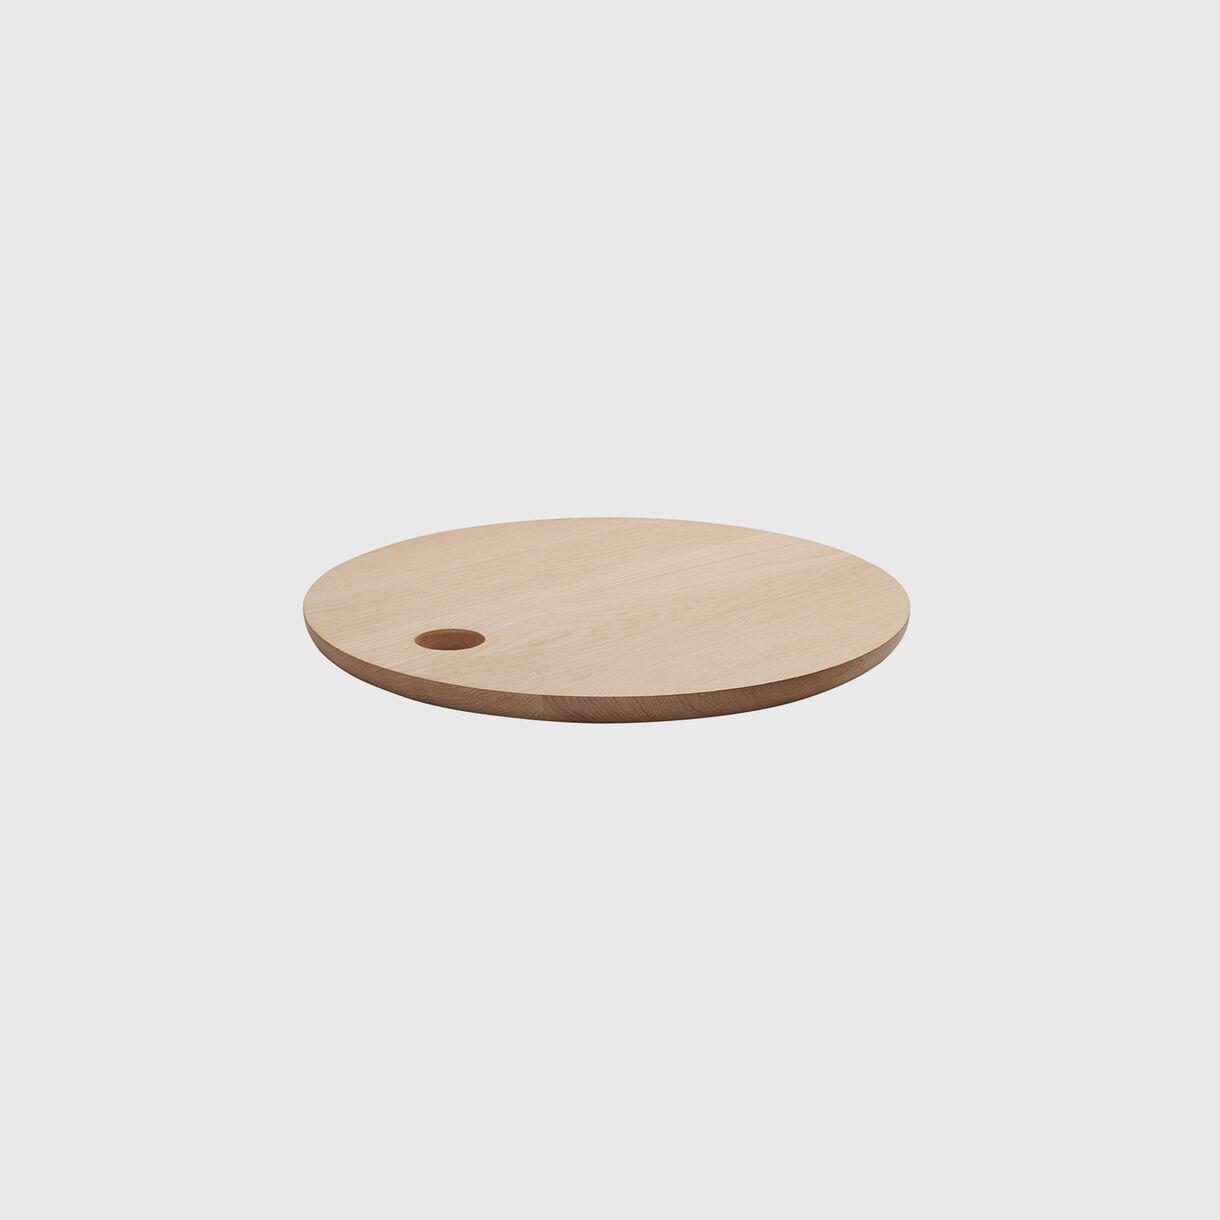 Cut Cutting Board, Round, Oak